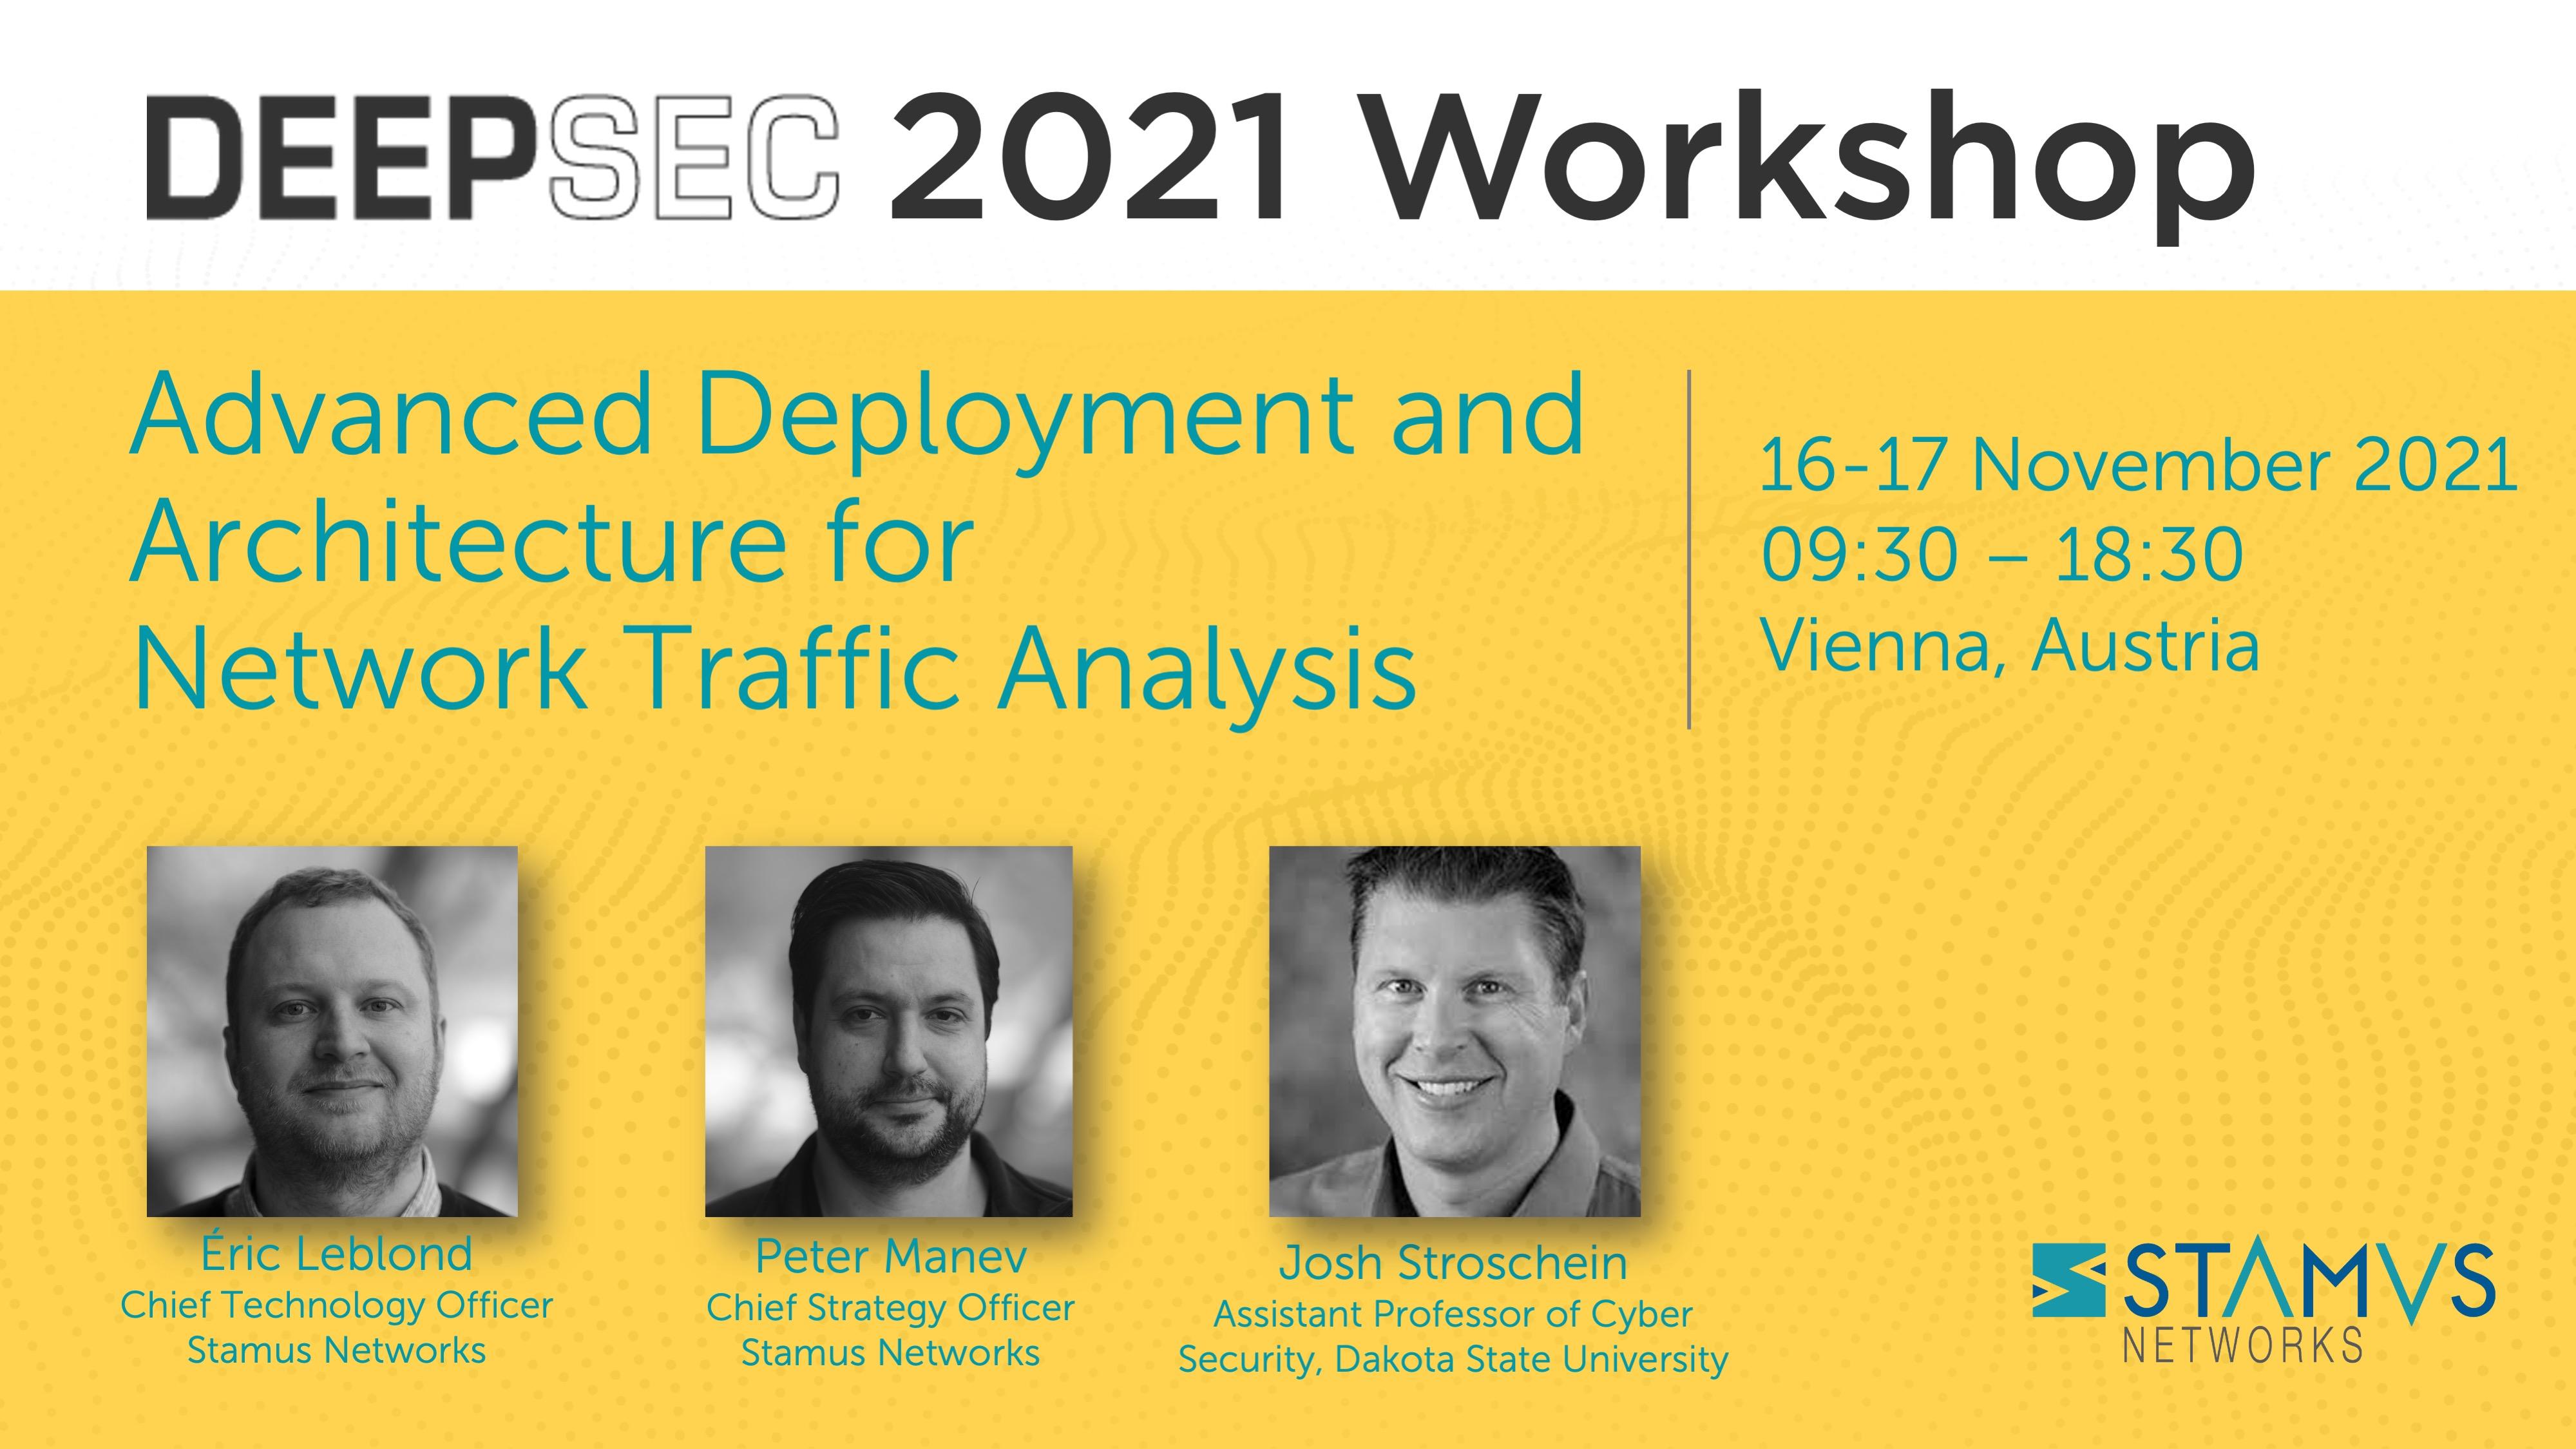 2021-DEEPSEC-Workshop